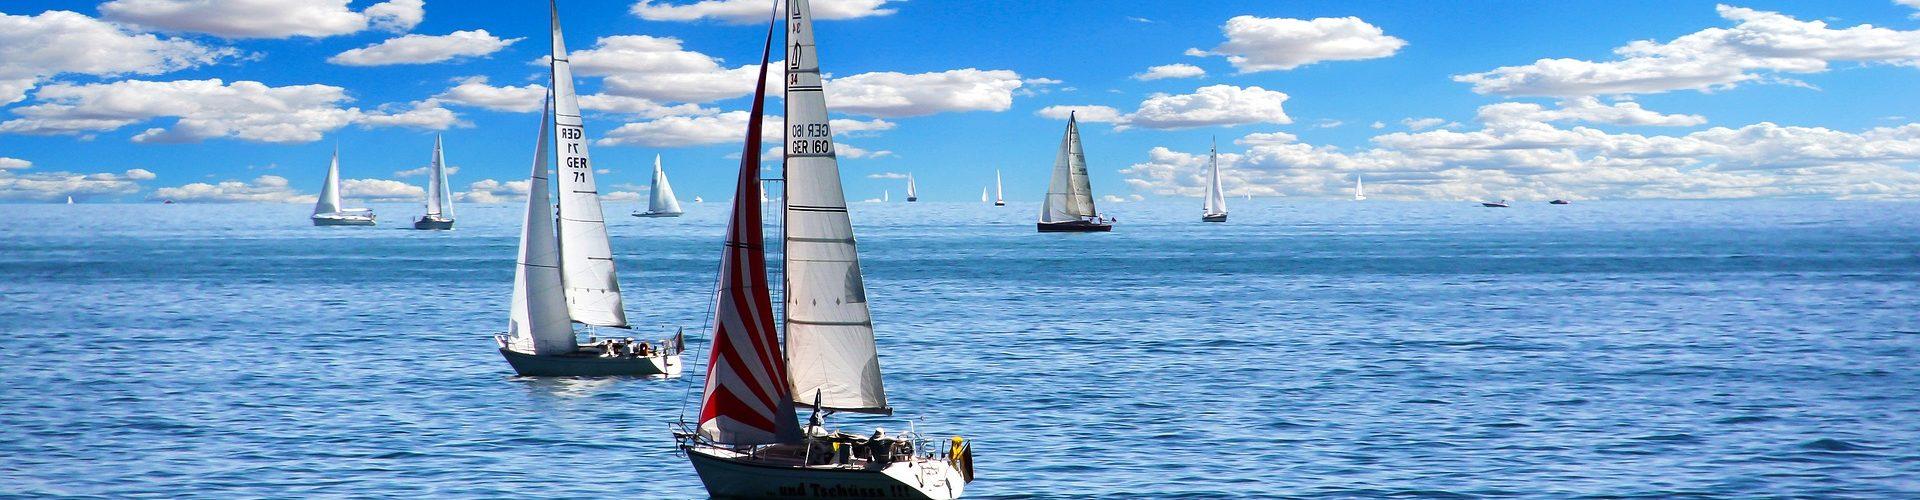 segeln lernen in Konstanz segelschein machen in Konstanz 1920x500 - Segeln lernen in Konstanz